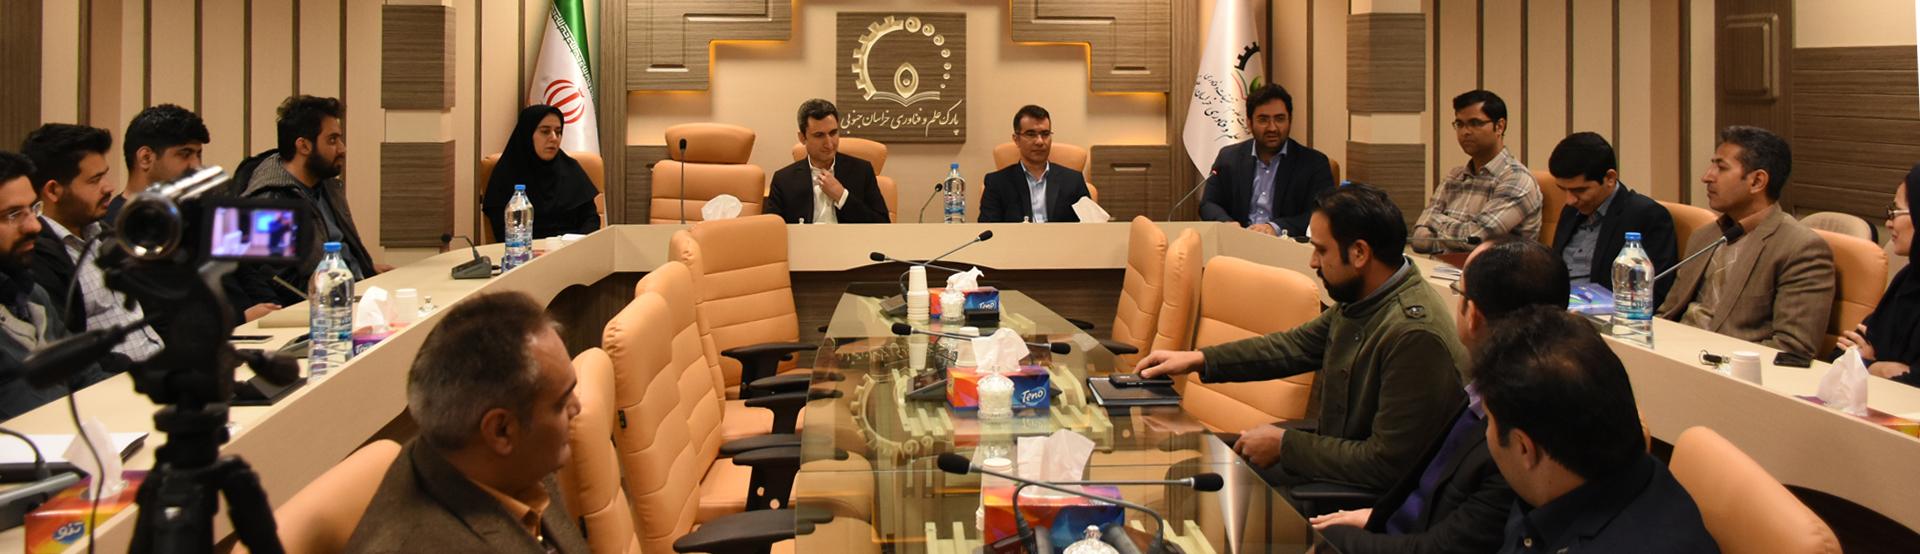 با حضور دکتر الیاسی، رئیس اداره ثبت اختراعات کشور، کارگاه آموزشی ارزیابی ثبت اختراع در پارک علم و فناوری خراسان جنوبی برگزار شد